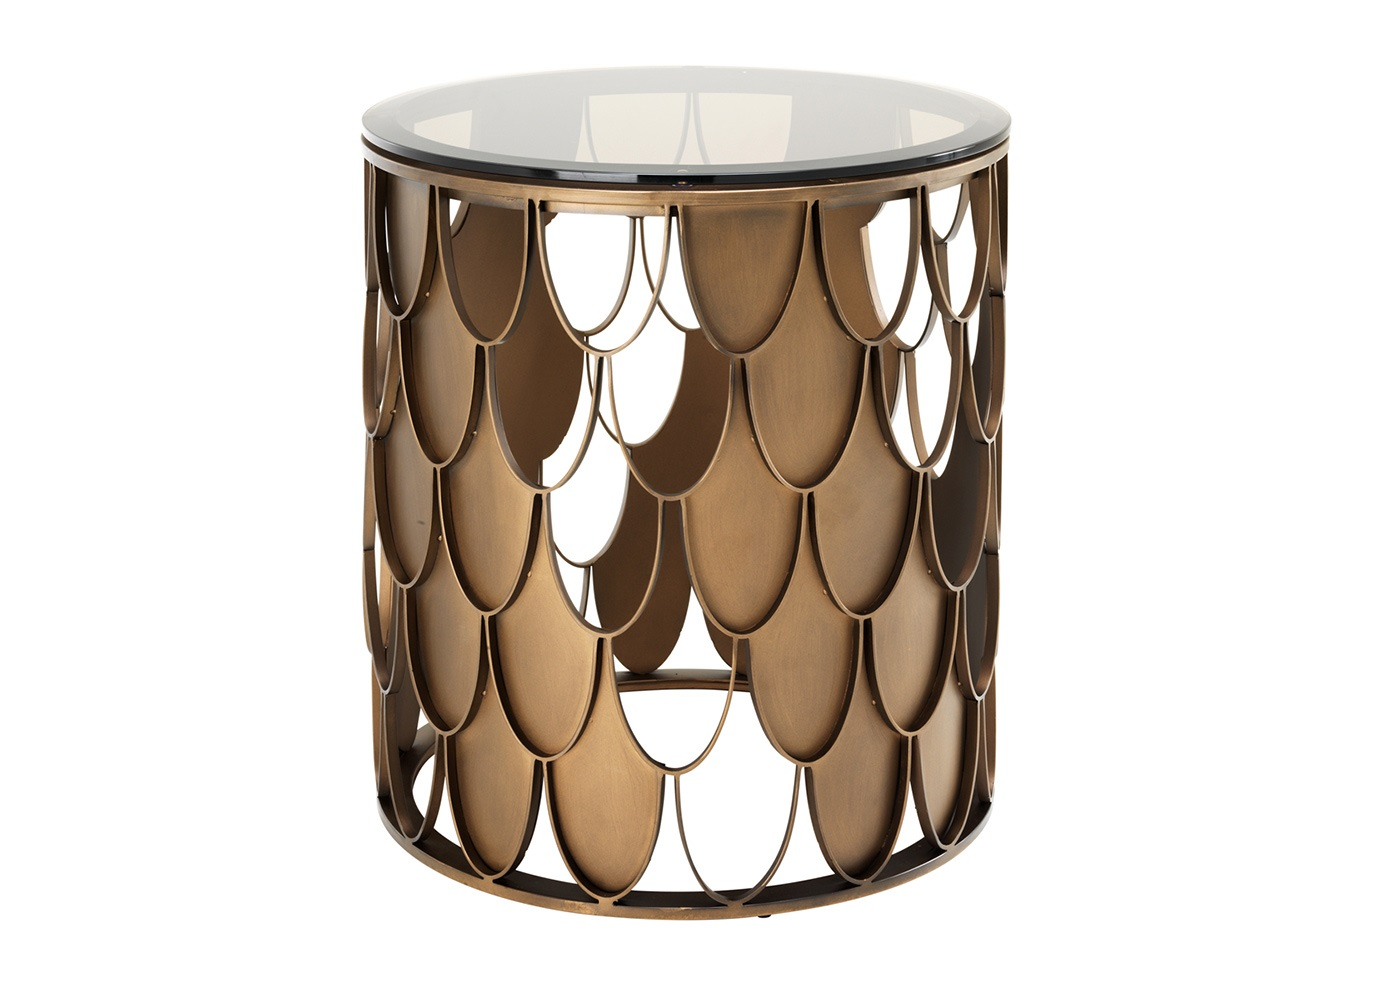 СтолПриставные столики<br>Приставной столик Side Table L&amp;amp;#39;indiscret с оригинальным дизайном выполнен из металла медного цвета. Столешница выполнена из плотного прозрачного стекла.<br><br>Material: Стекло<br>Height см: 55<br>Diameter см: 50